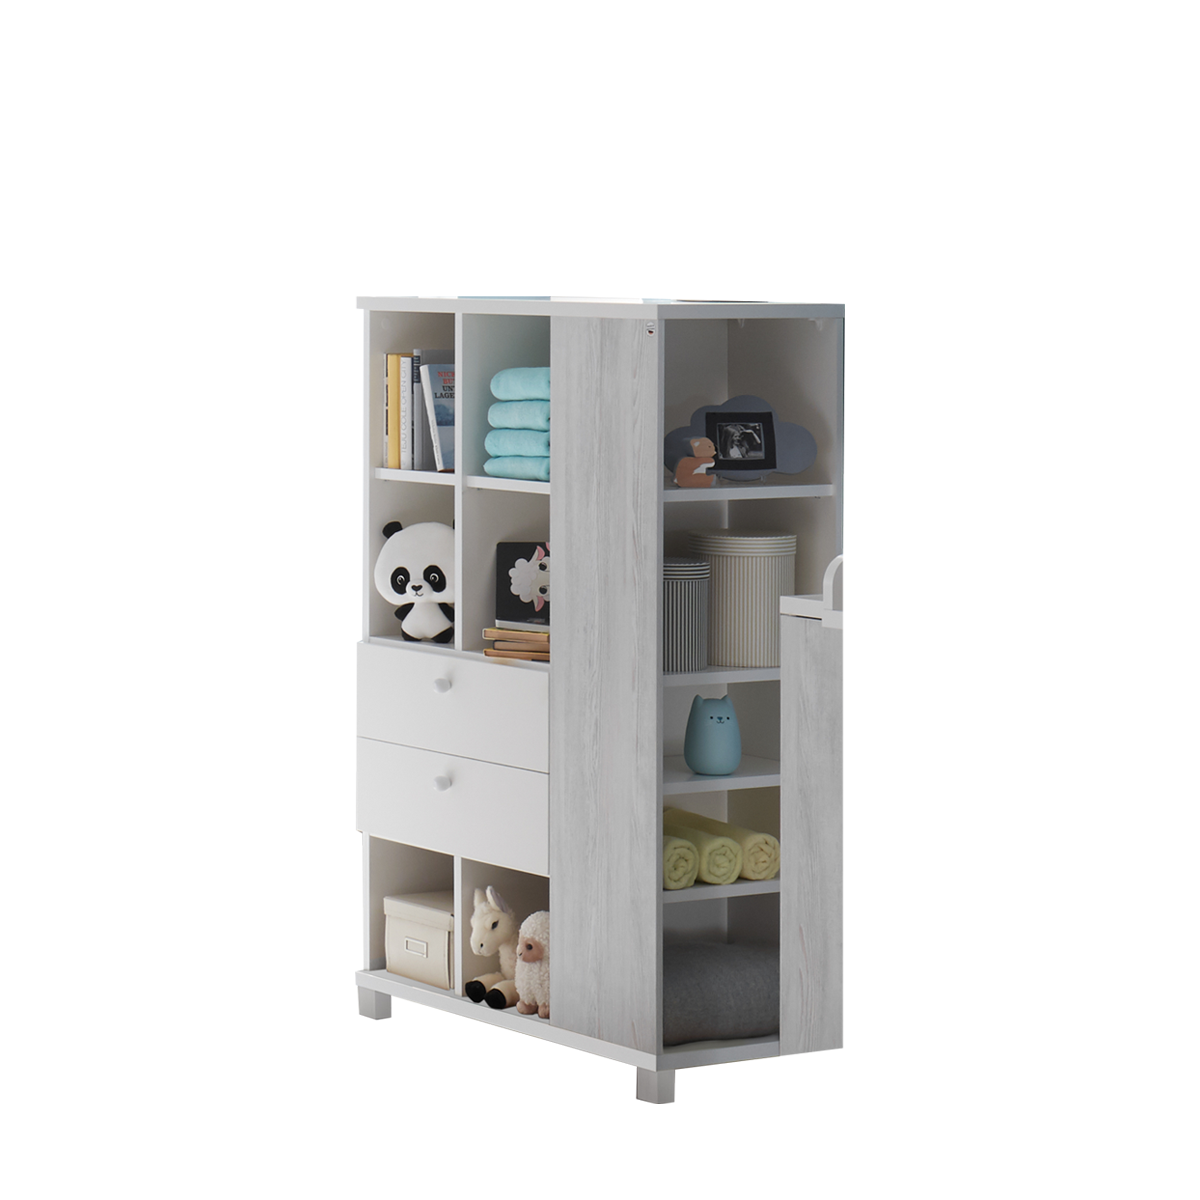 Mäusbacher Skandi Beistellschrank BS_02 mit zwei Schubkästen und elf  offenen Fächer für Ihr Kinderzimmer oder Babyzimmer Regal im Dekor Weiß  matt Lack ...